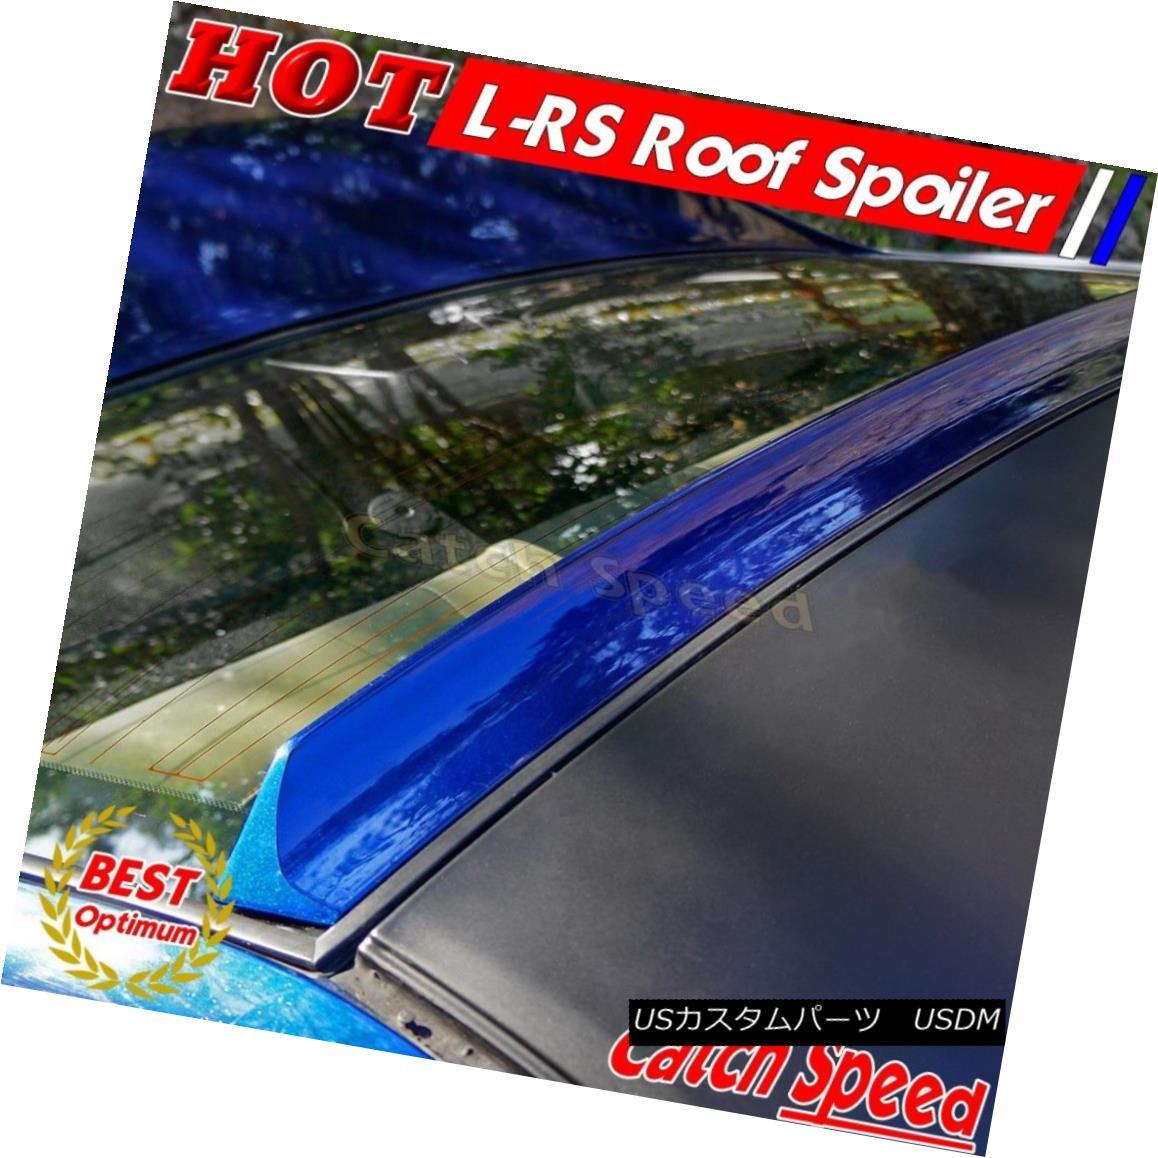 エアロパーツ Flat Black LRS Type Rear Roof Spoiler Wingr For Honda Civic 2012-2015 Coupe ? ホンダシビック2012-2015クーペのフラットブラックLRSタイプリアルーフスポイラーウイング?